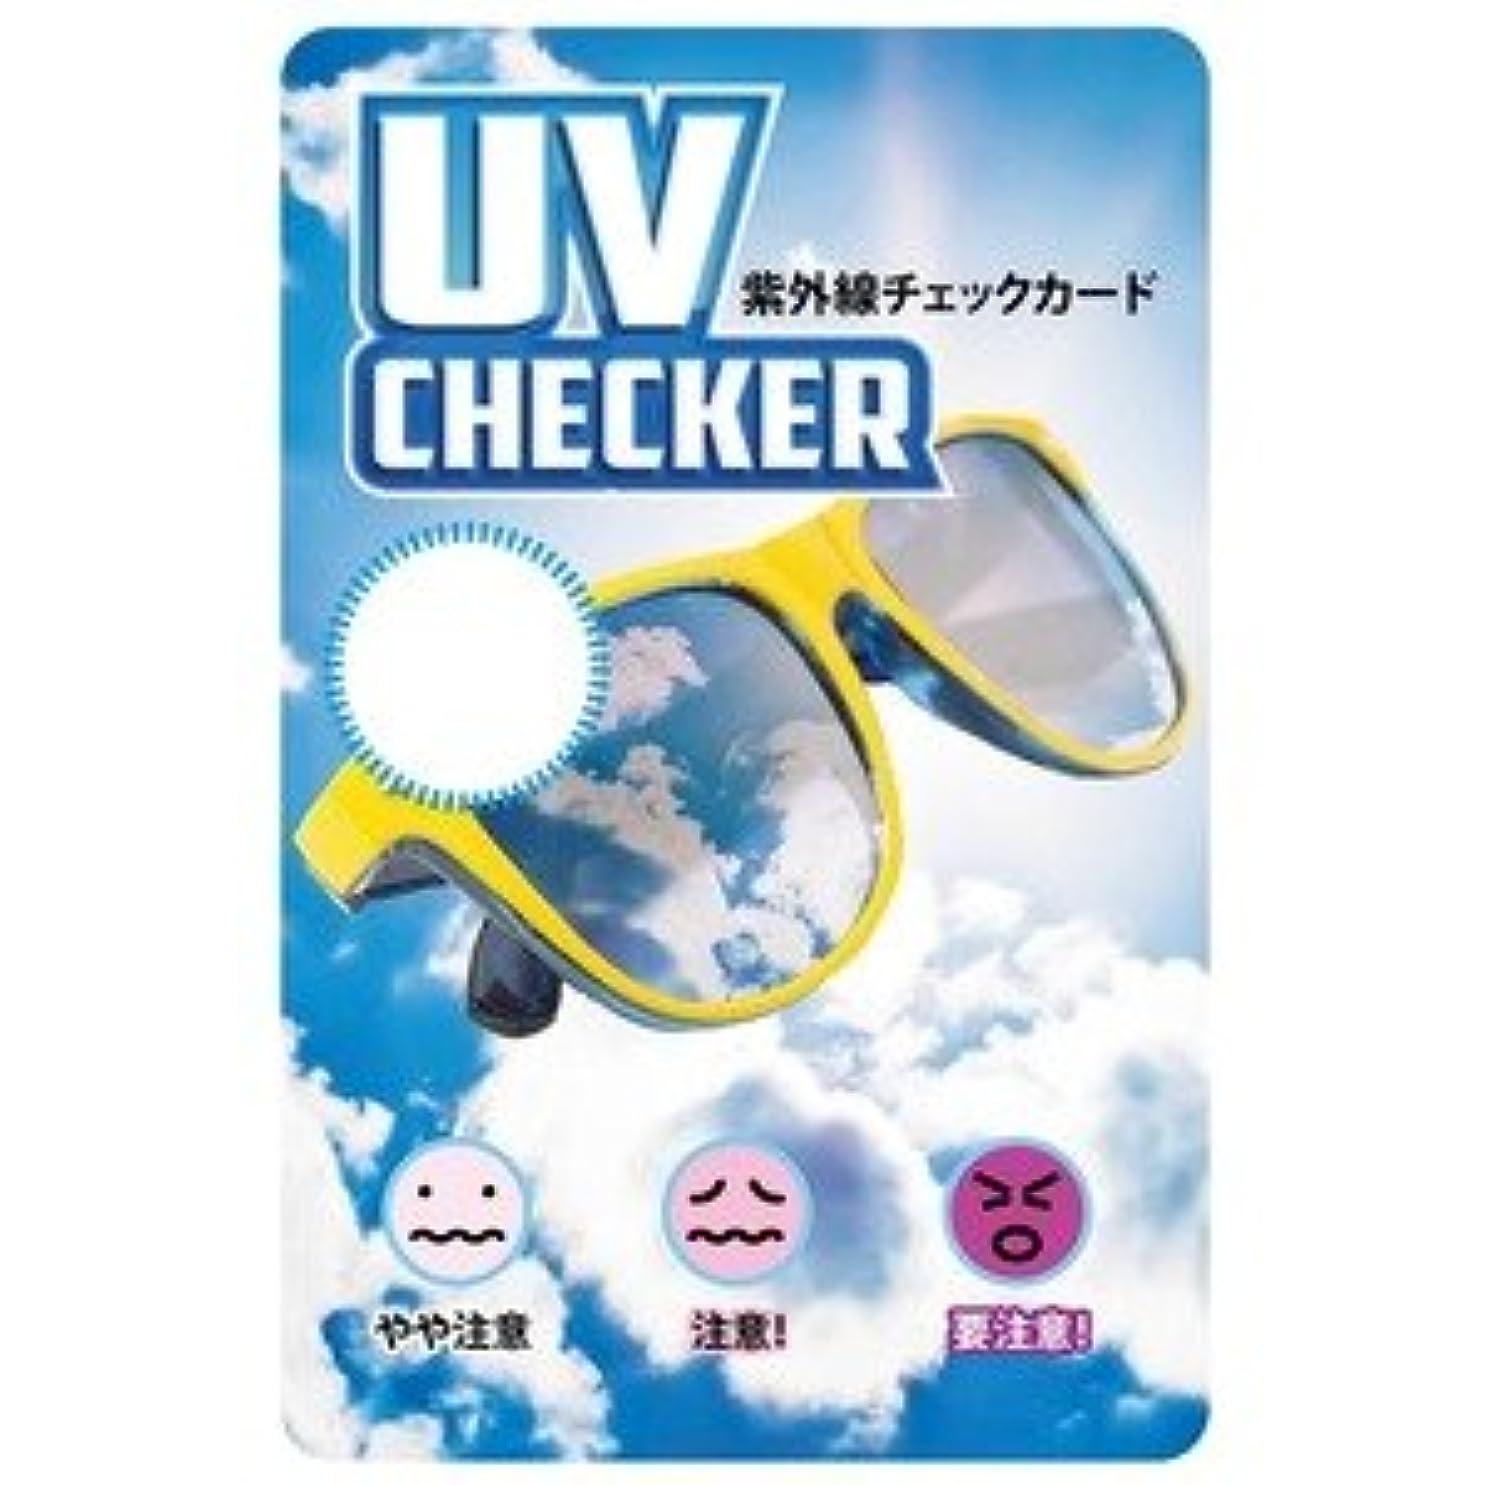 擁する雹アベニュー紫外線チェックカード?UV6 【100枚セット】 紫外線対策